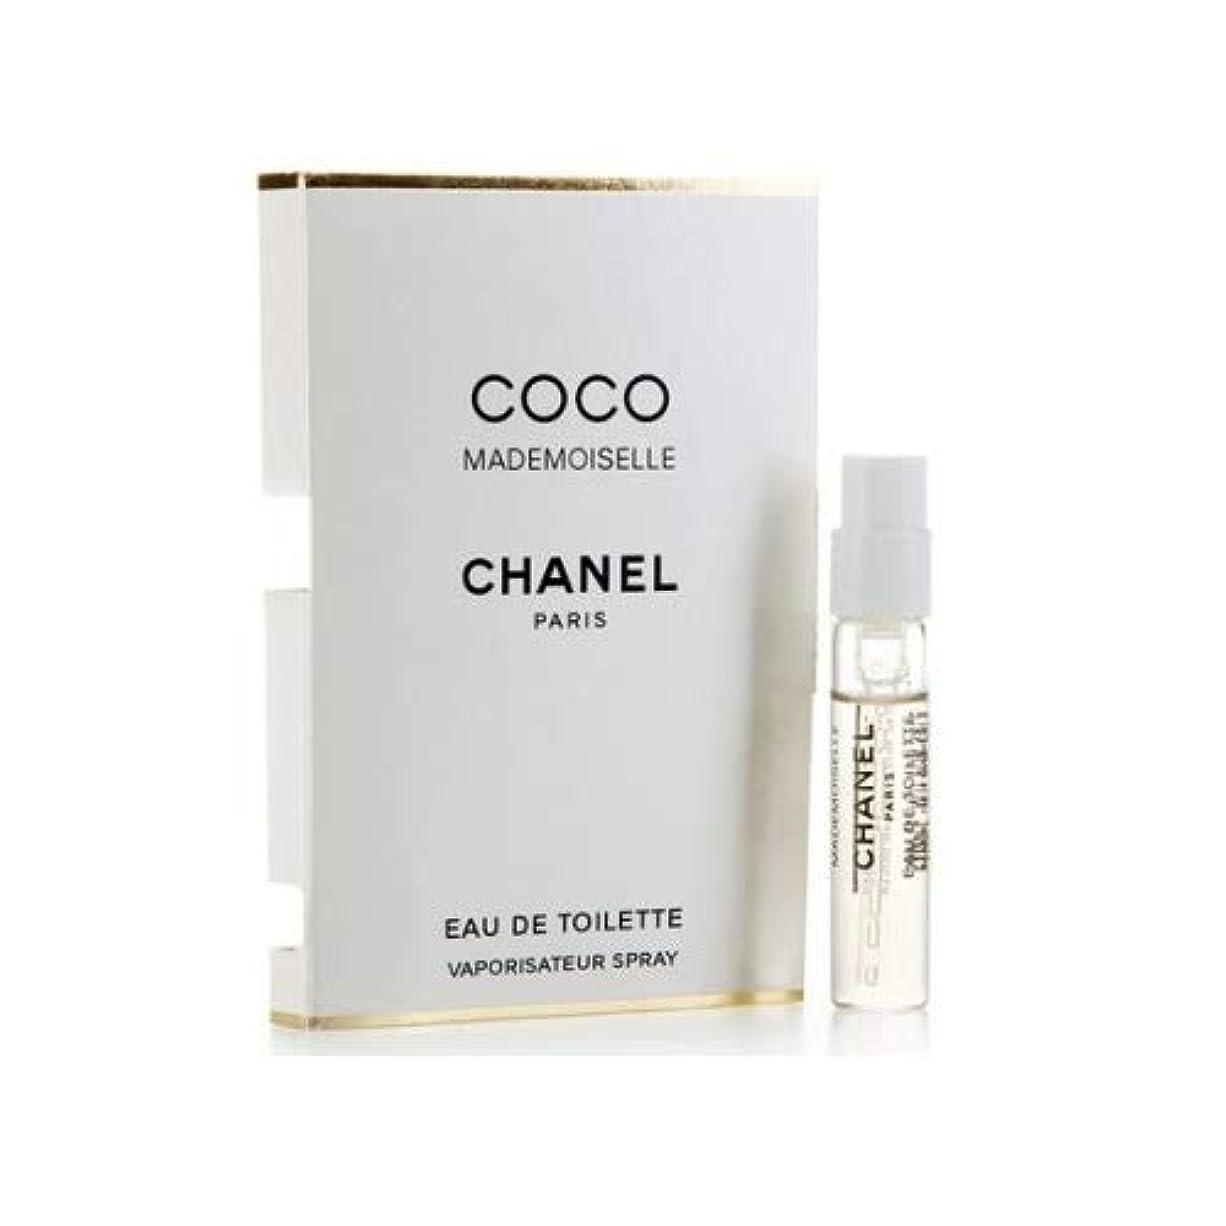 先のことを考える憂鬱な証明書シャネル ココ マドモアゼル EDT スプレー 1.5ml ミニ香水 CHANEL